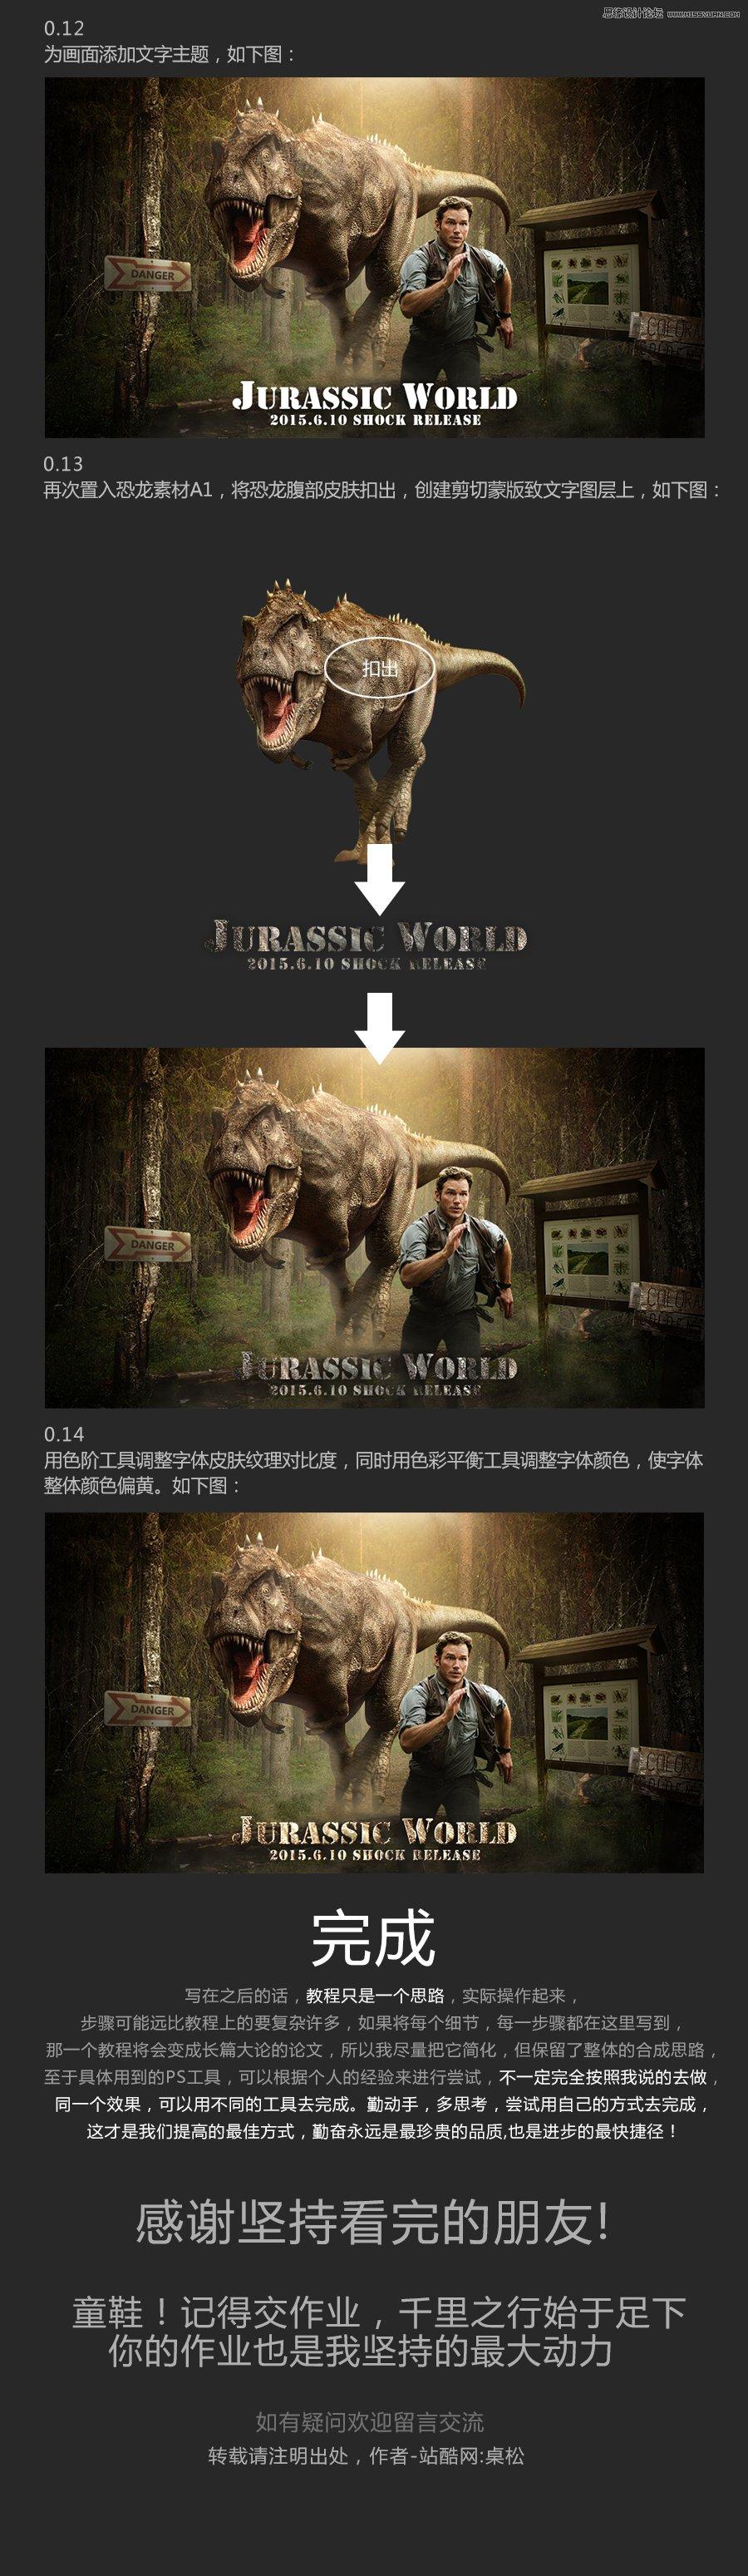 Photoshop合成超酷的侏罗纪世界电影海报